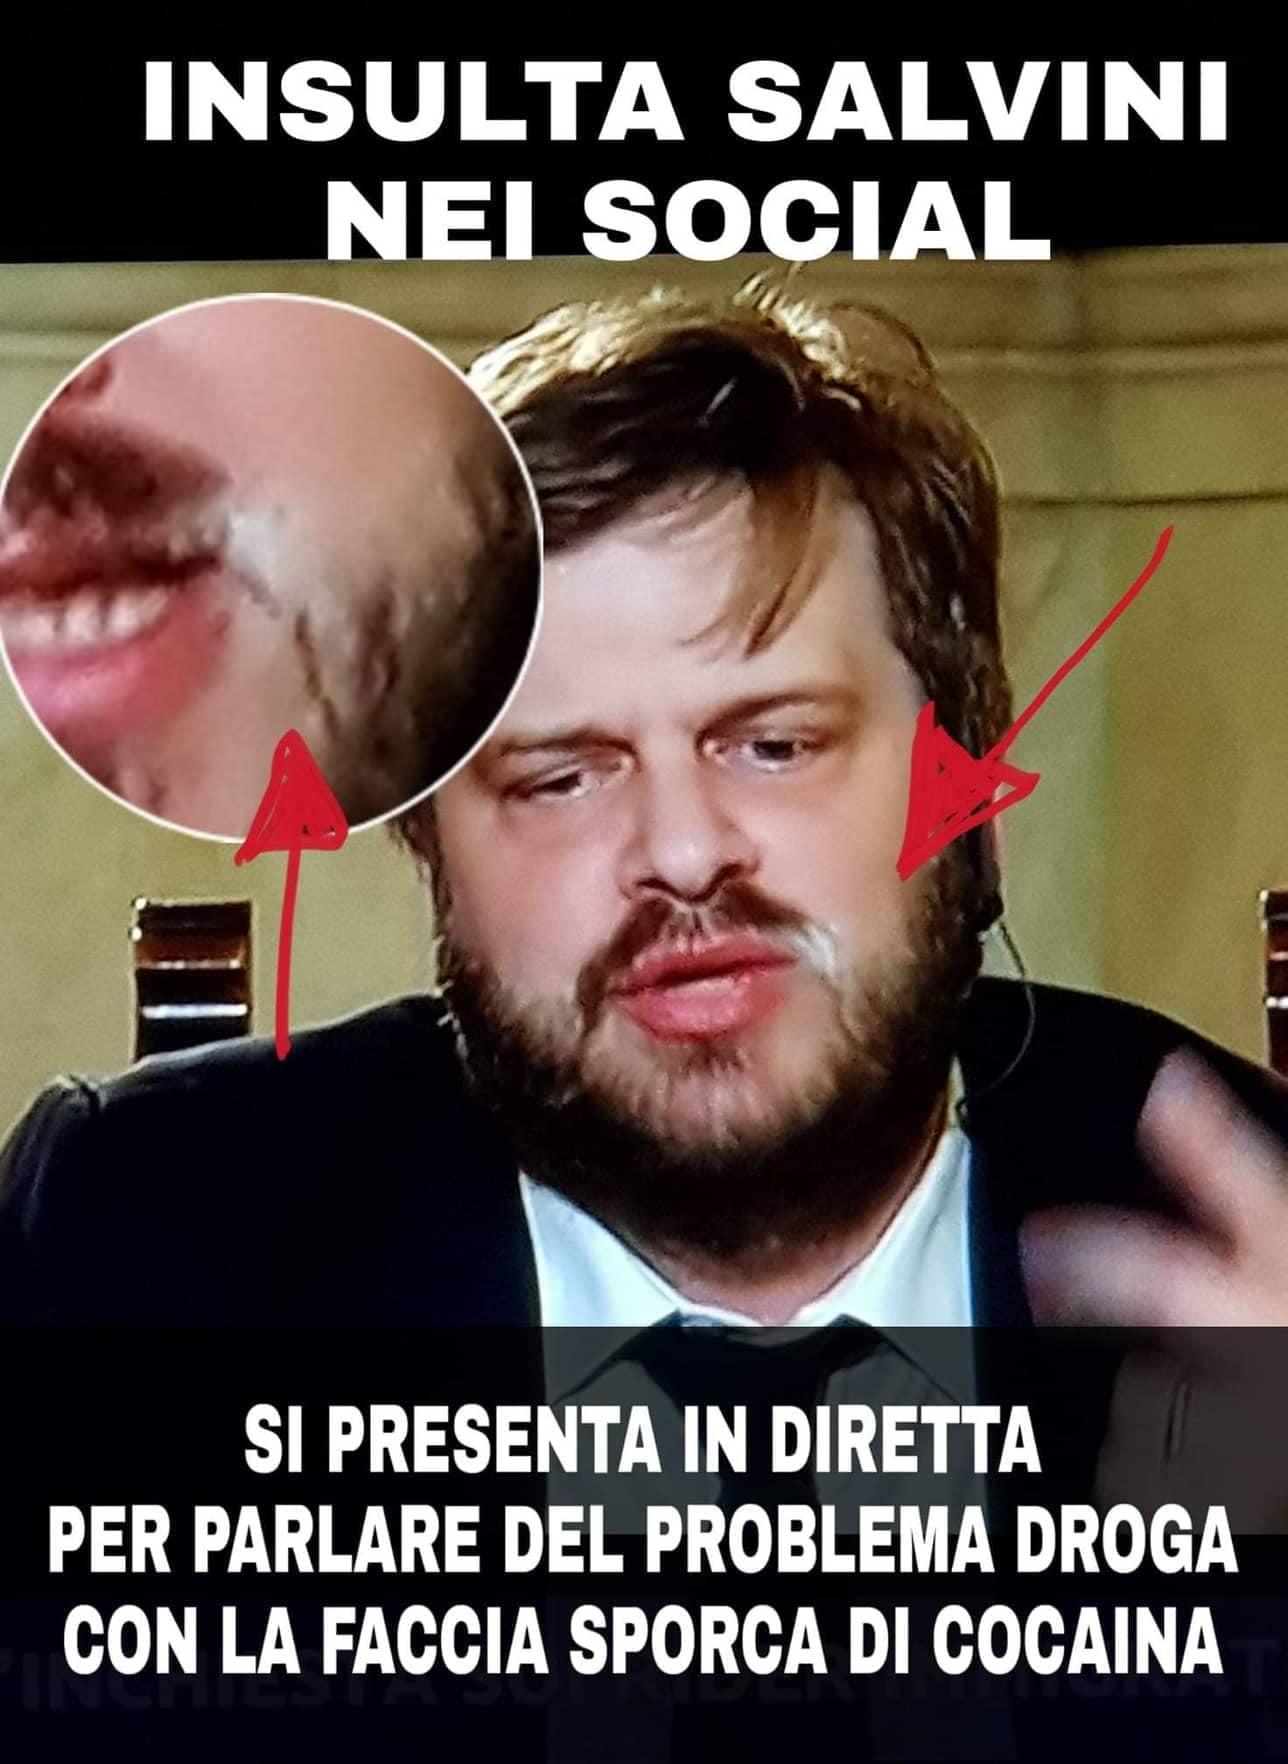 Il meme pubblicato dall'assessore Majorino